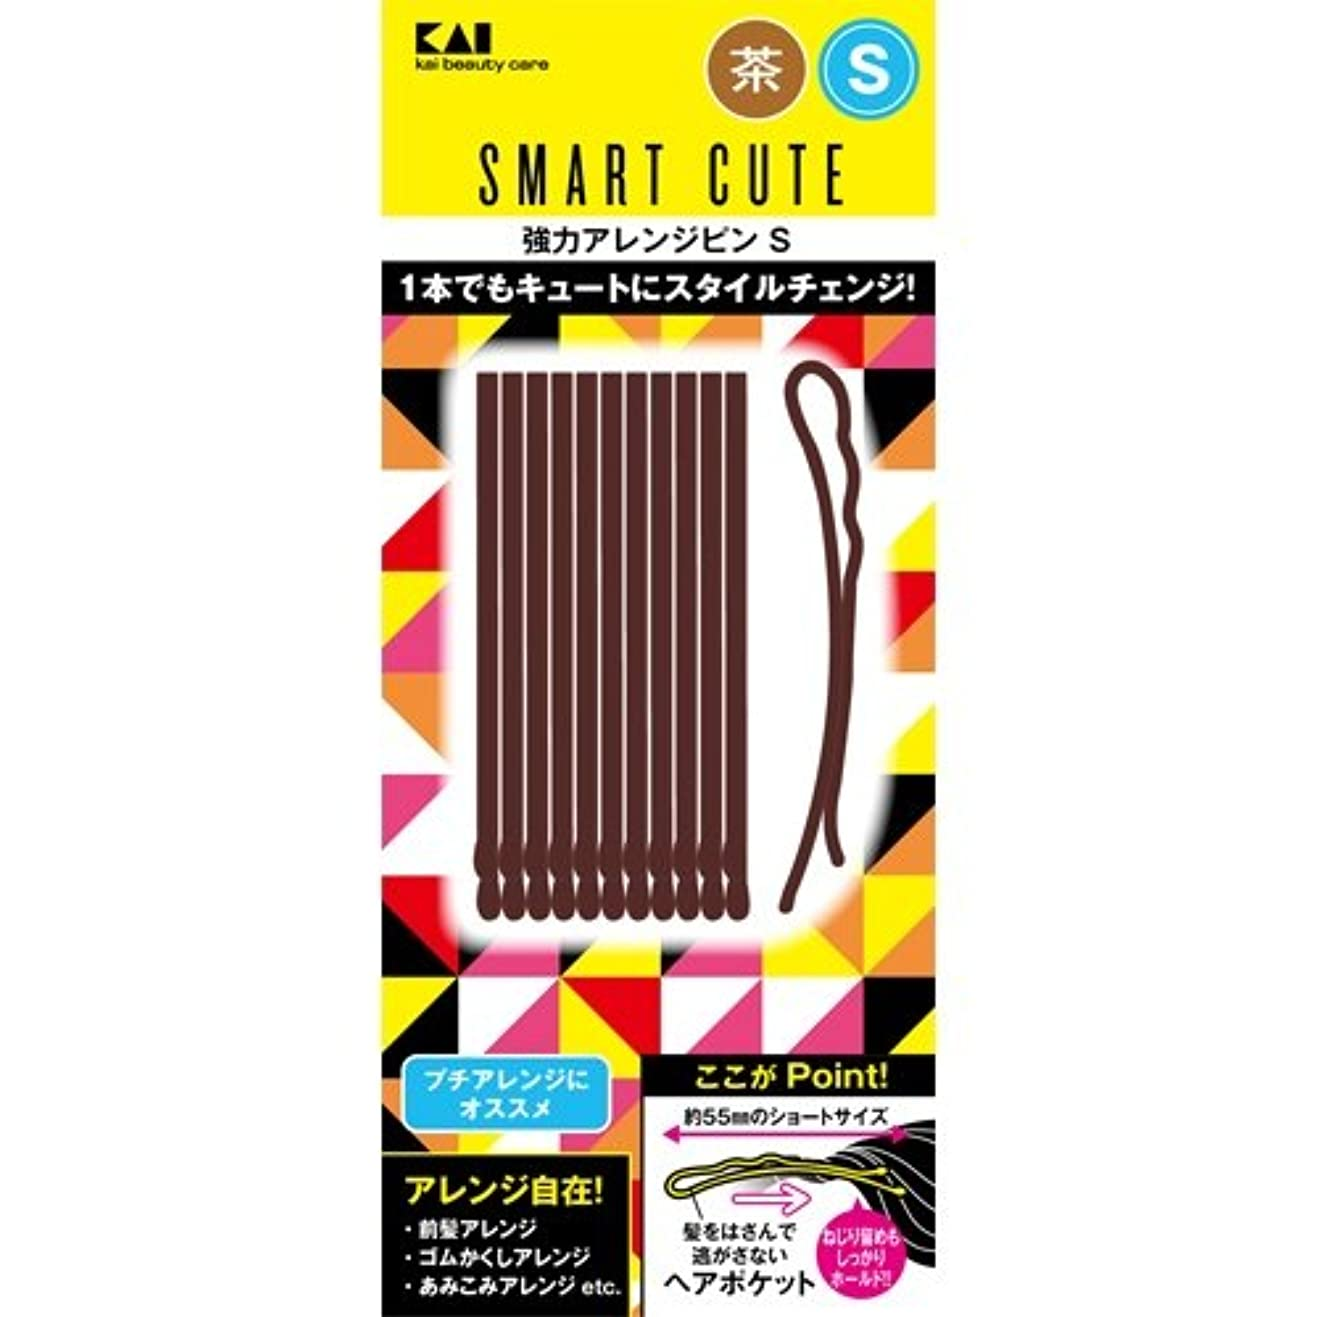 講義デュアルインサートスマートキュート(SmartCute) 強力アレンジピンS (茶 ) HC3319